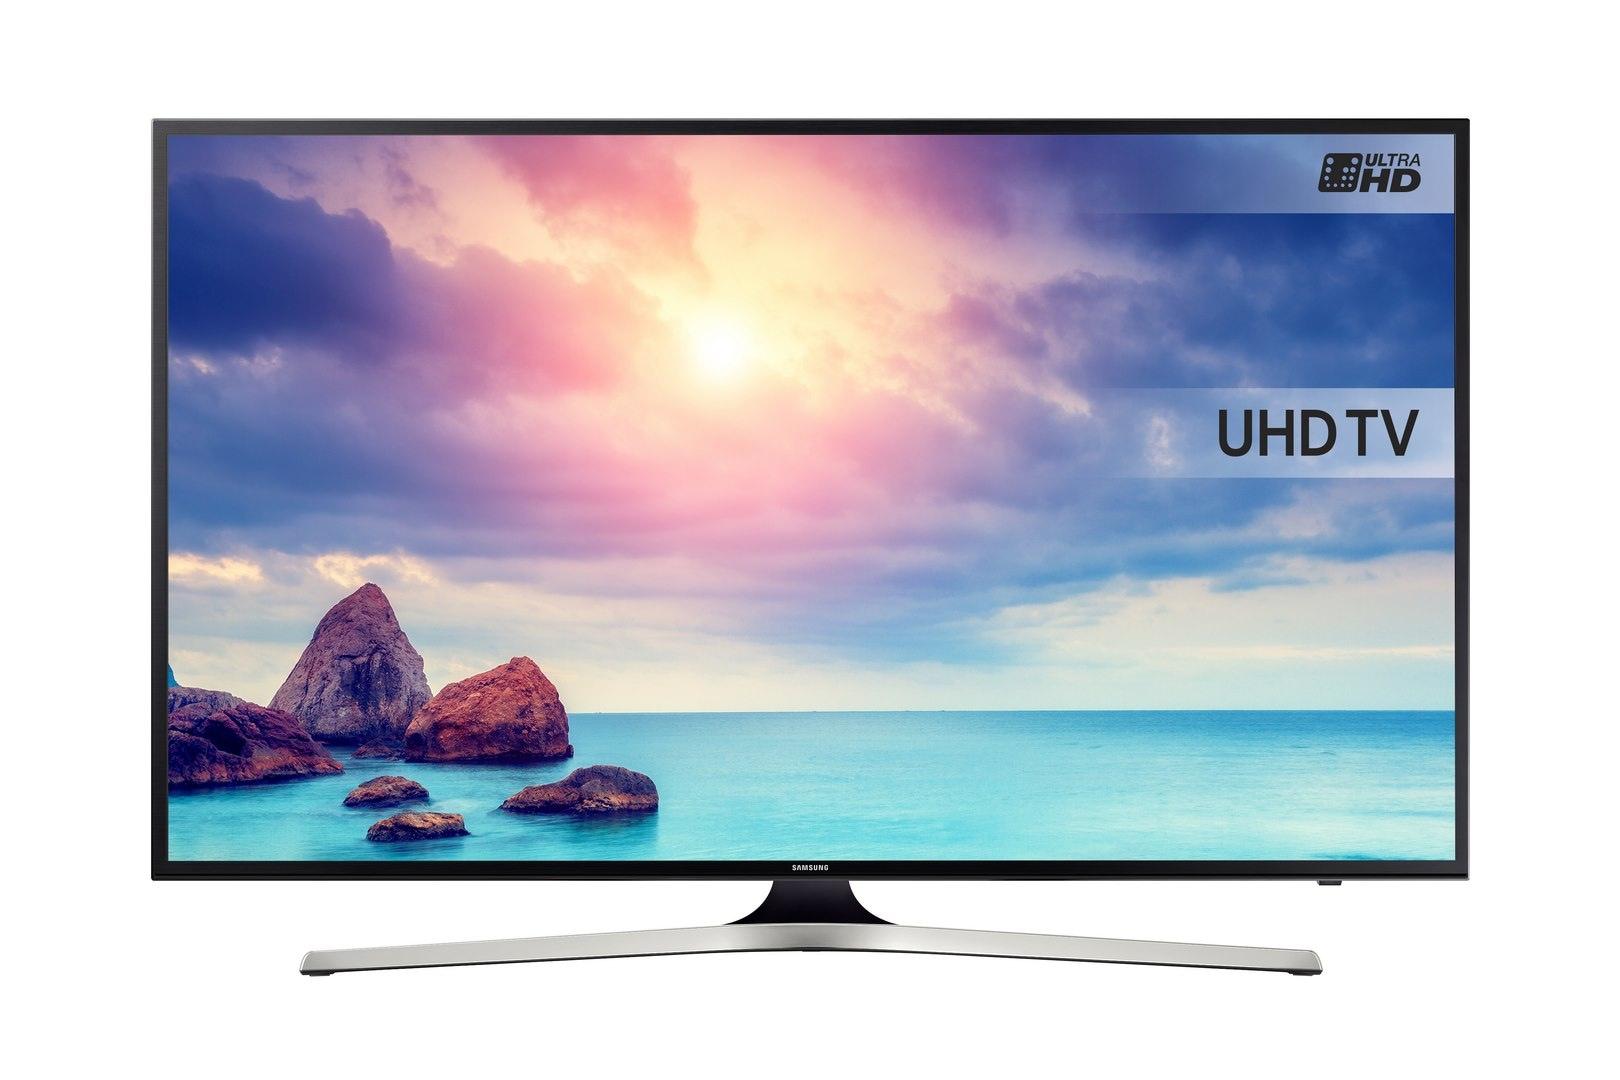 6-Series Crystal Color UHD TV UE65KU6020